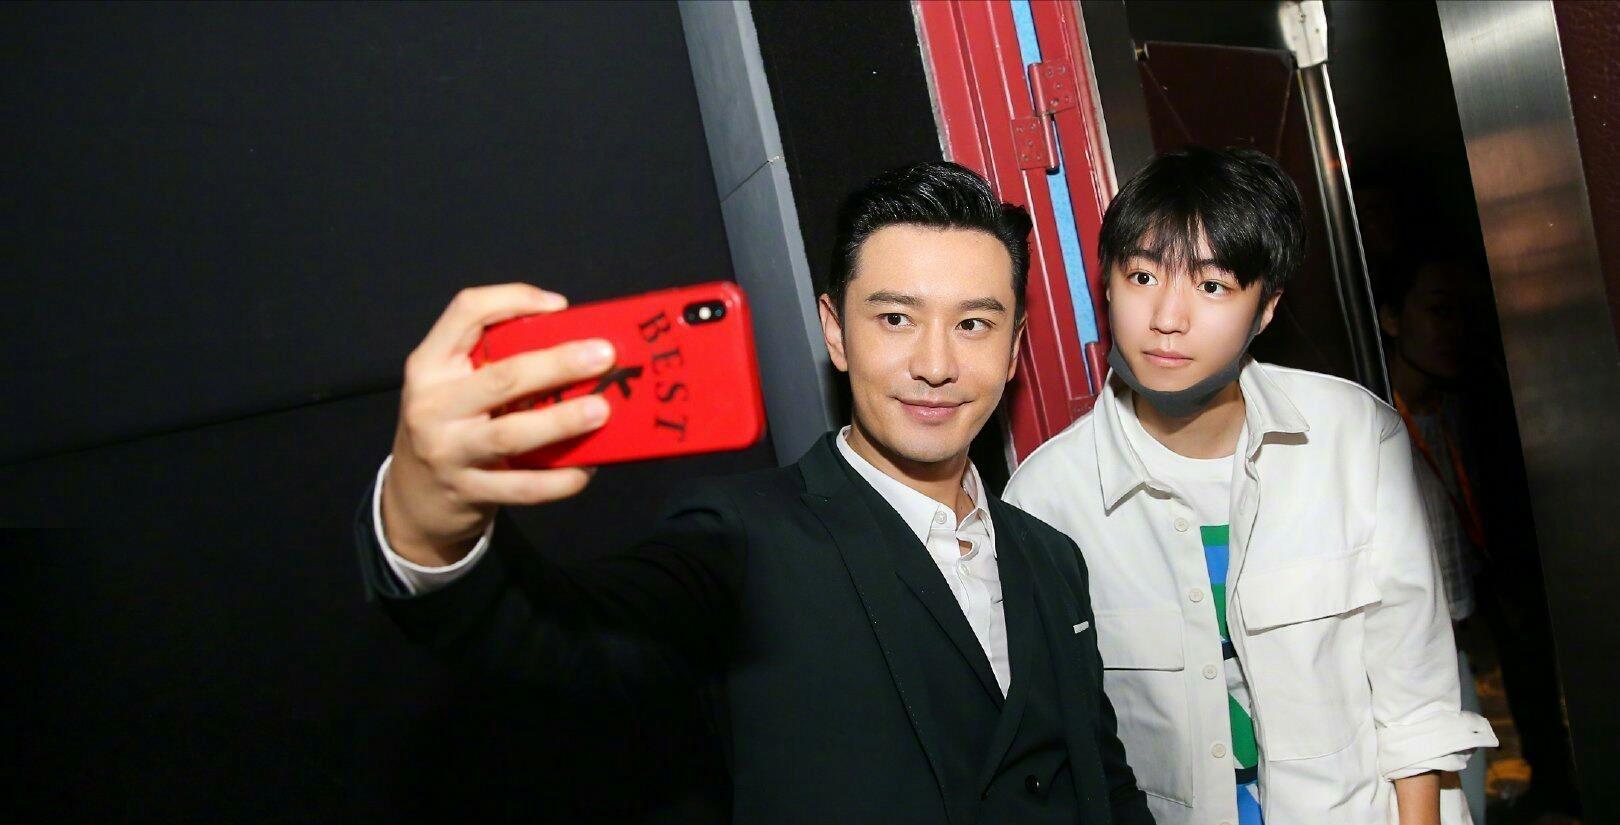 黄晓明回应淡出娱乐圈两年的原因,未提到杨颖,但透露了两人现状